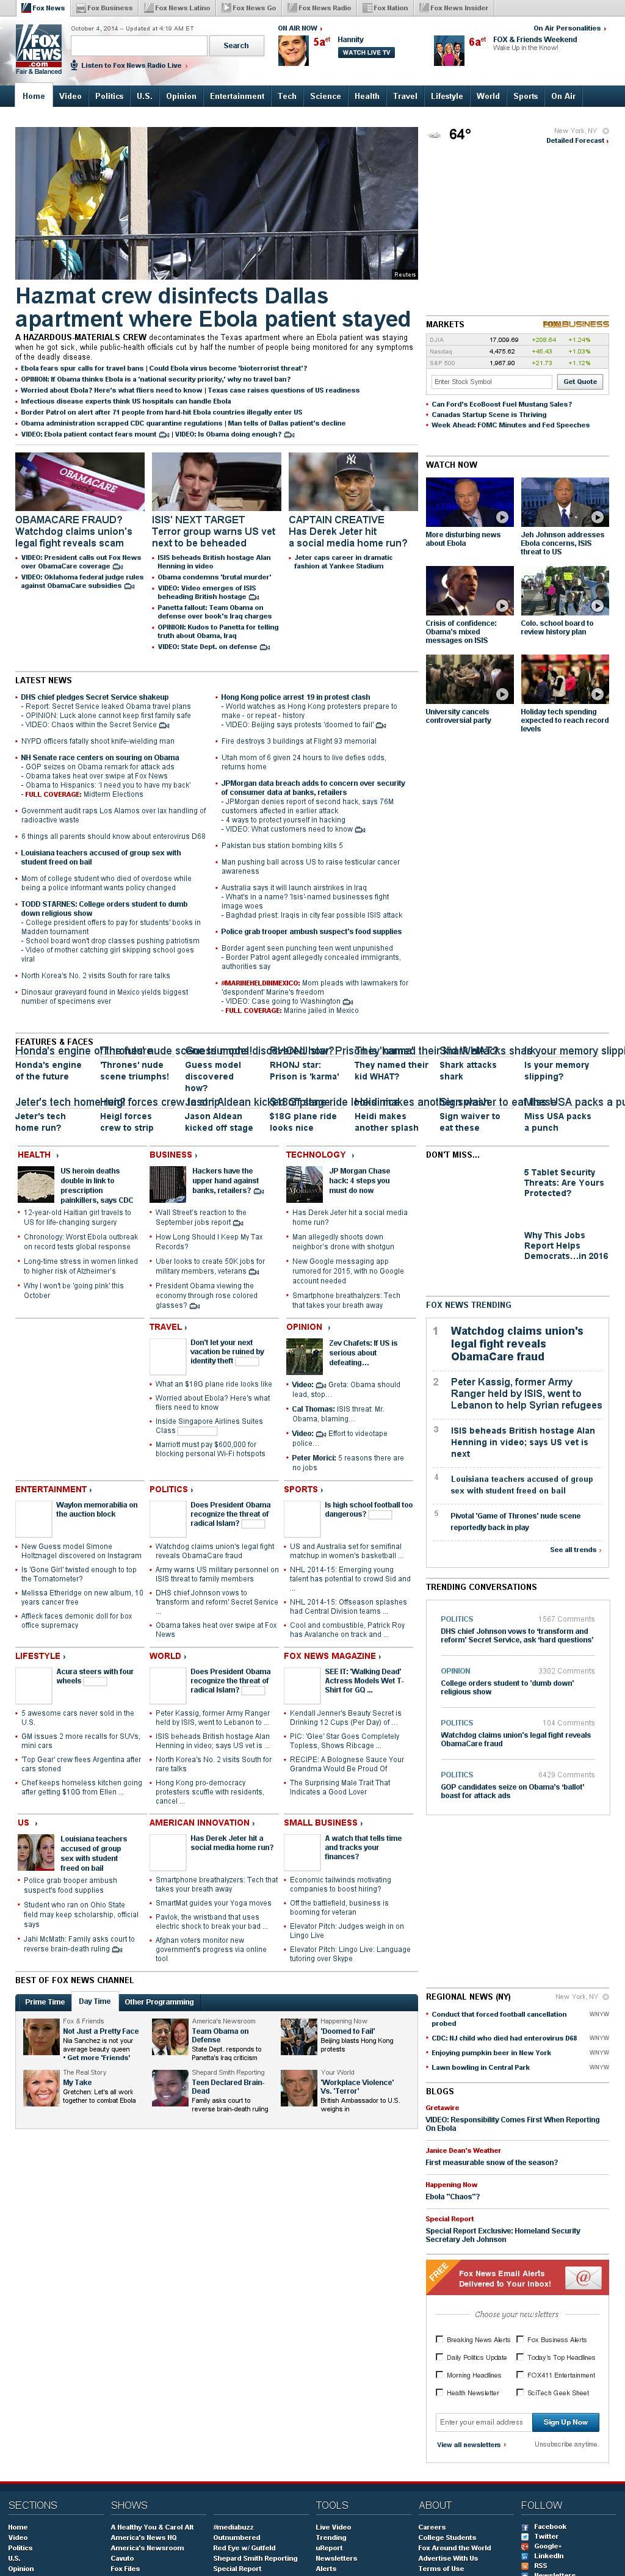 Fox News at Saturday Oct. 4, 2014, 9:05 a.m. UTC